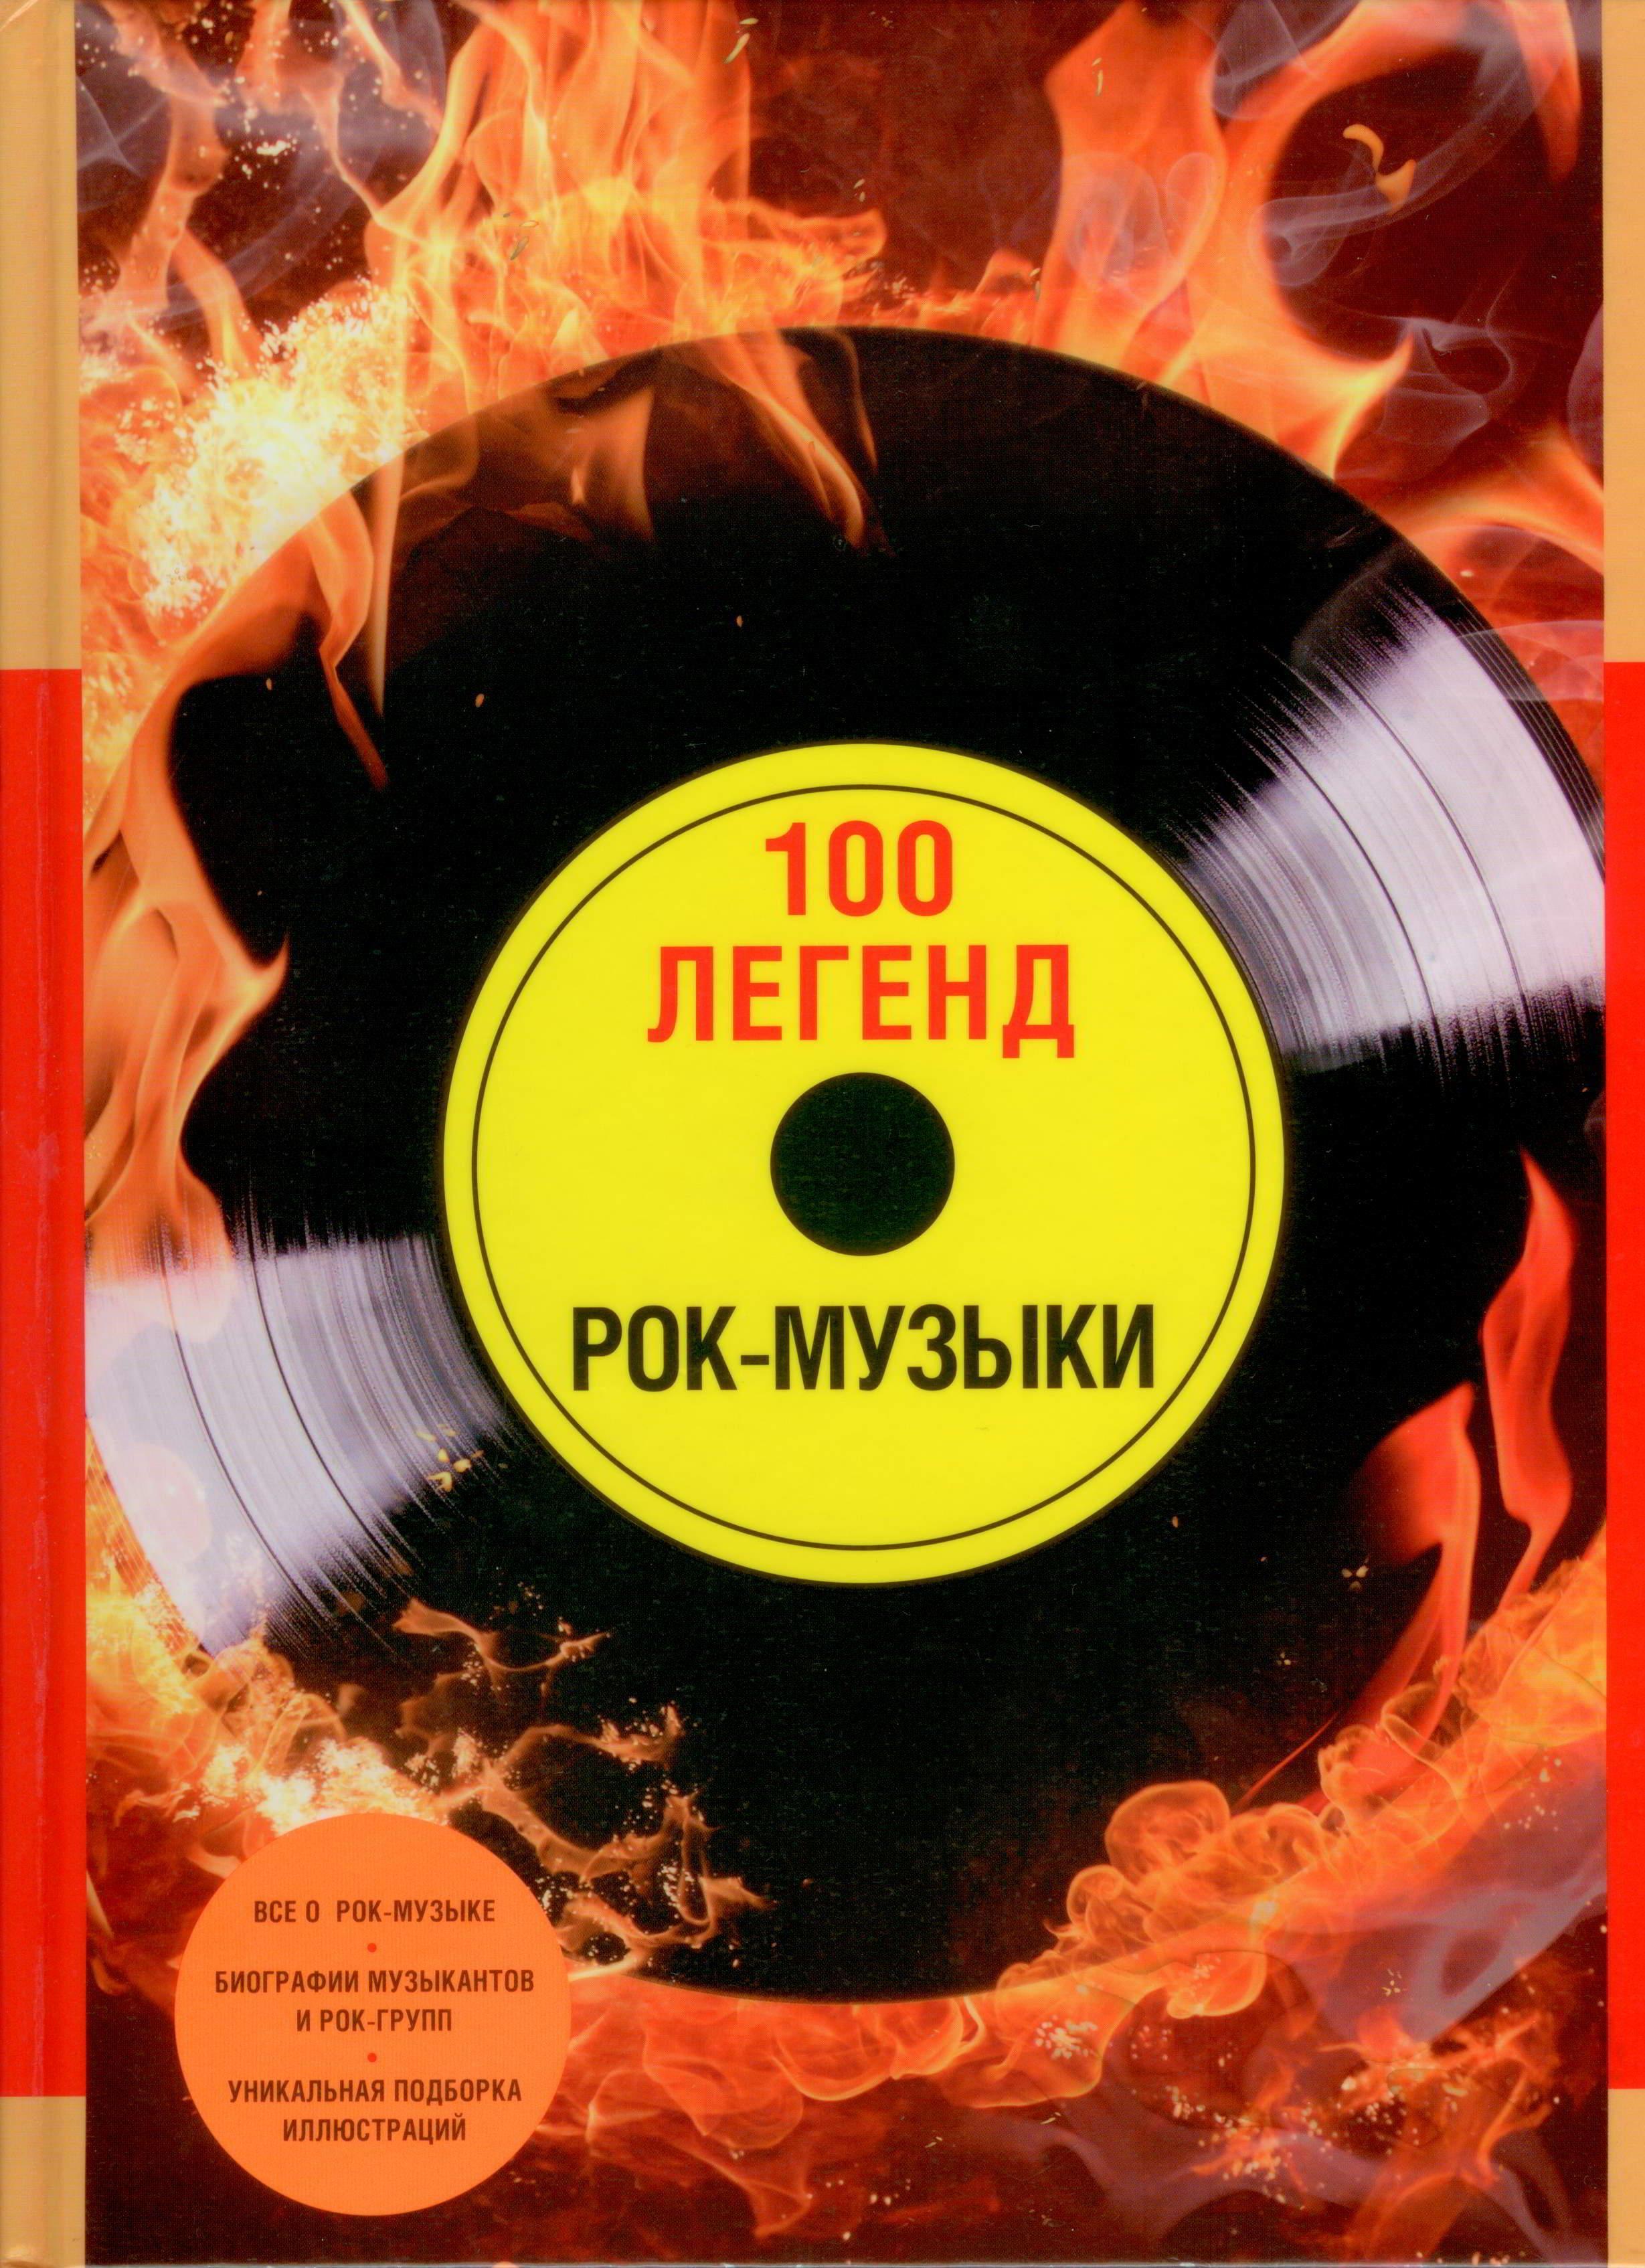 Все о рок-музыке, биографии музыкантов и рок-групп, уникальная подборка иллюстраций